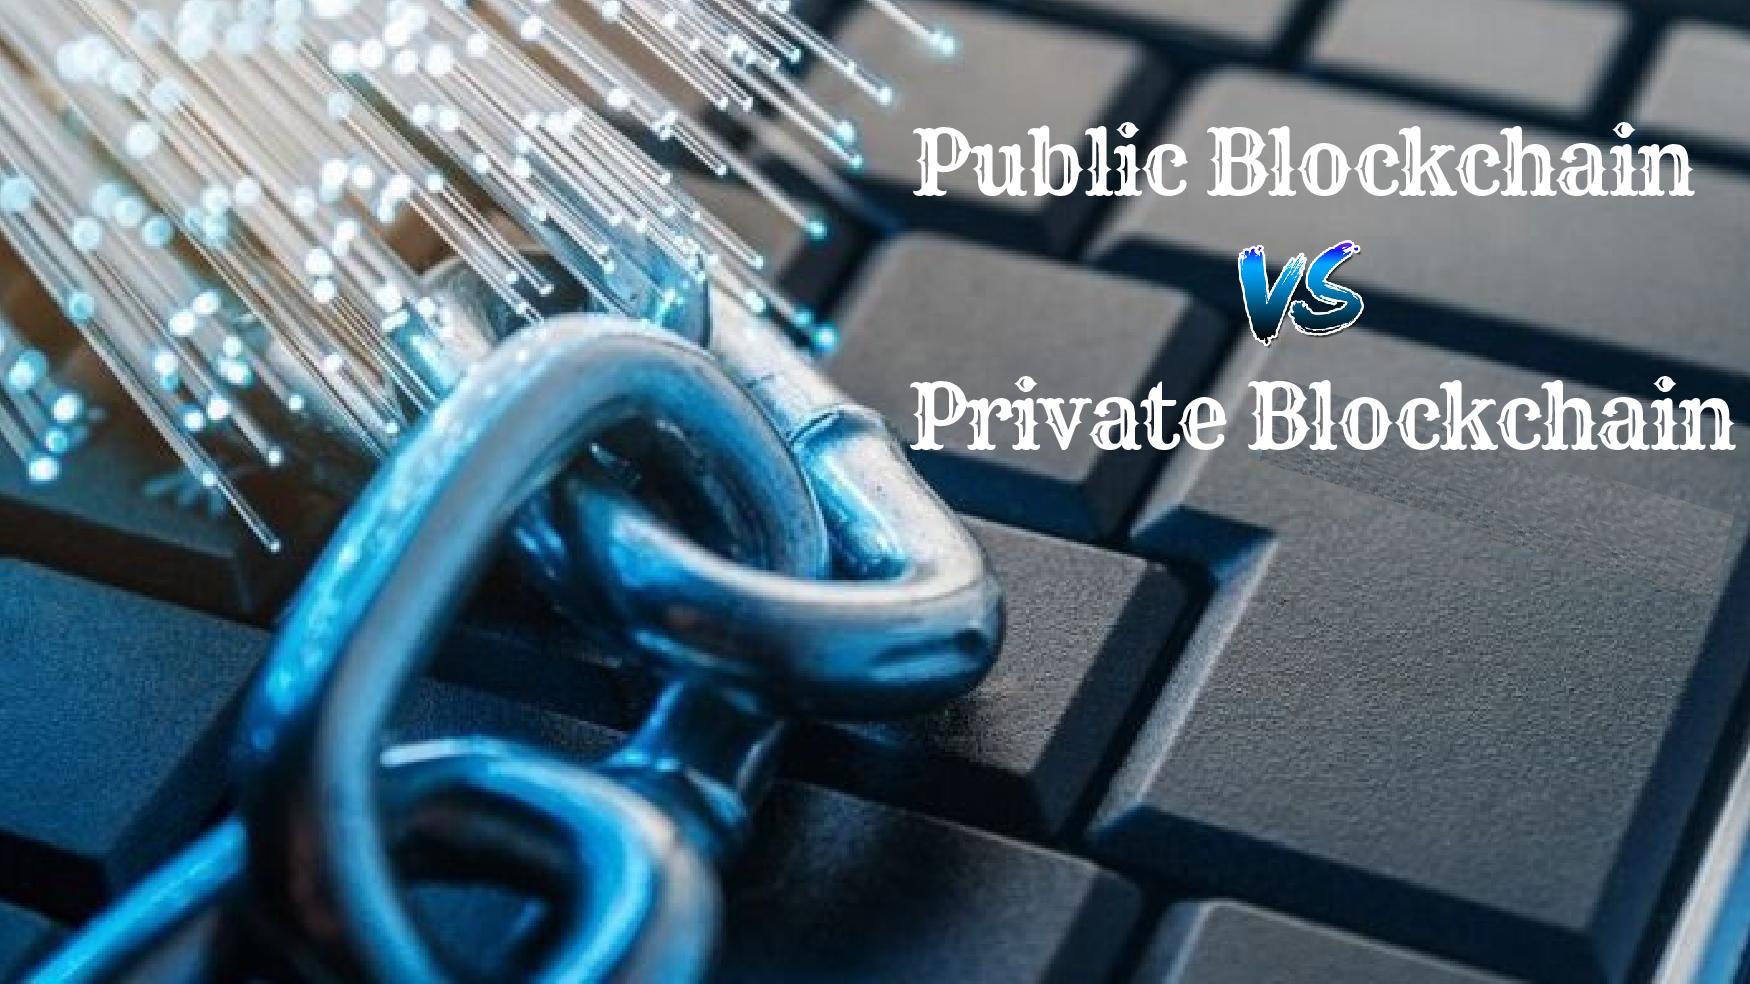 Public Blockchain vs Private Blockchain